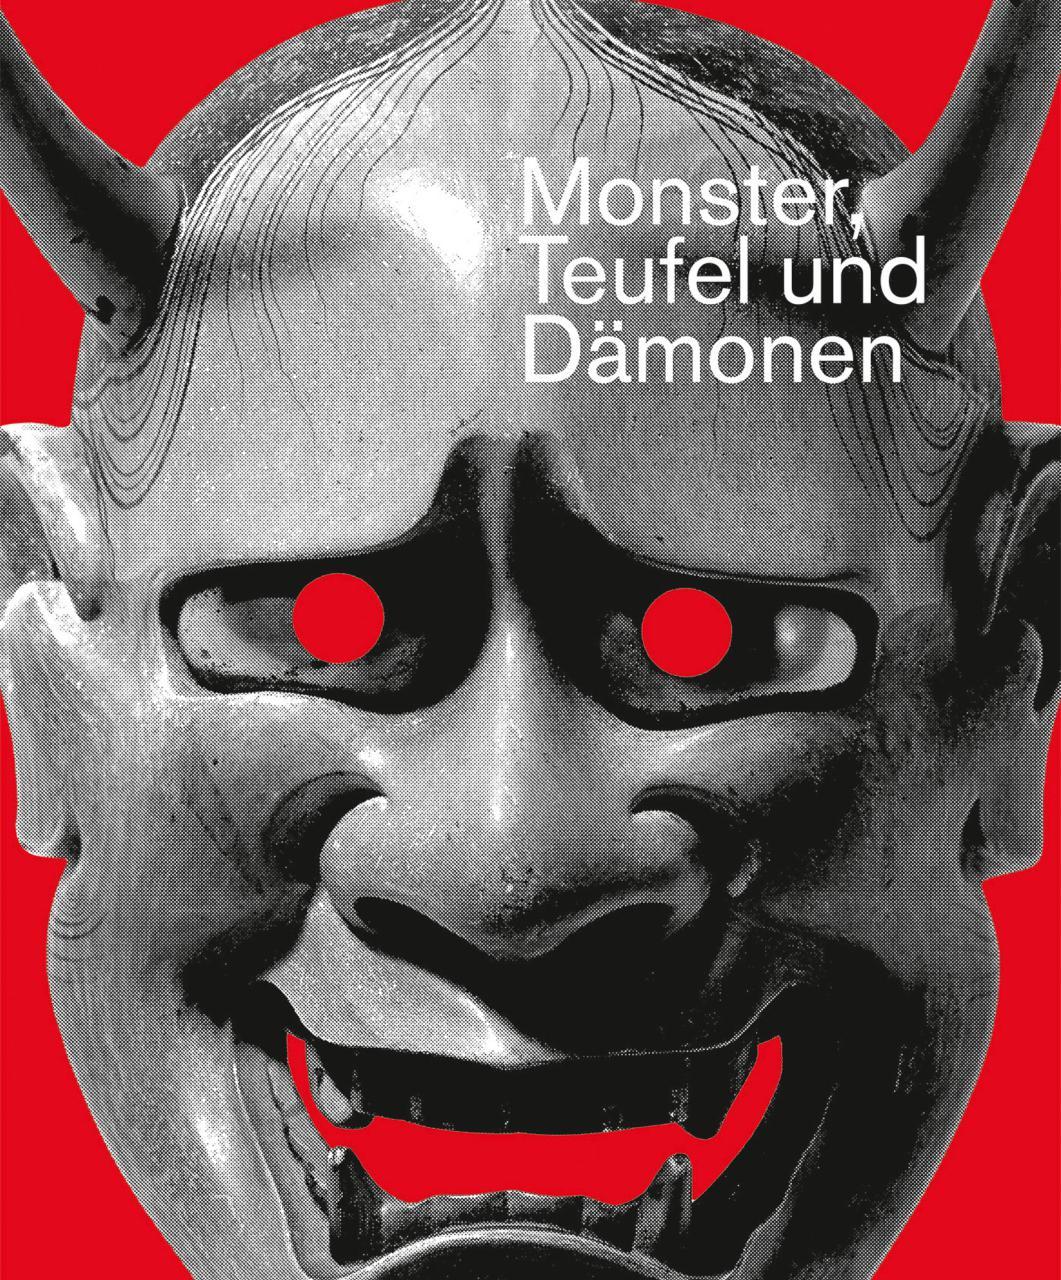 Raffinerie AG für Gestaltung (Zürich), Monster, Teufel und Dämonen, Plakat (Siebdruck), 2018, © Raffinerie AG für Gestaltung, Zürich / 100 Beste Plakate e. V.